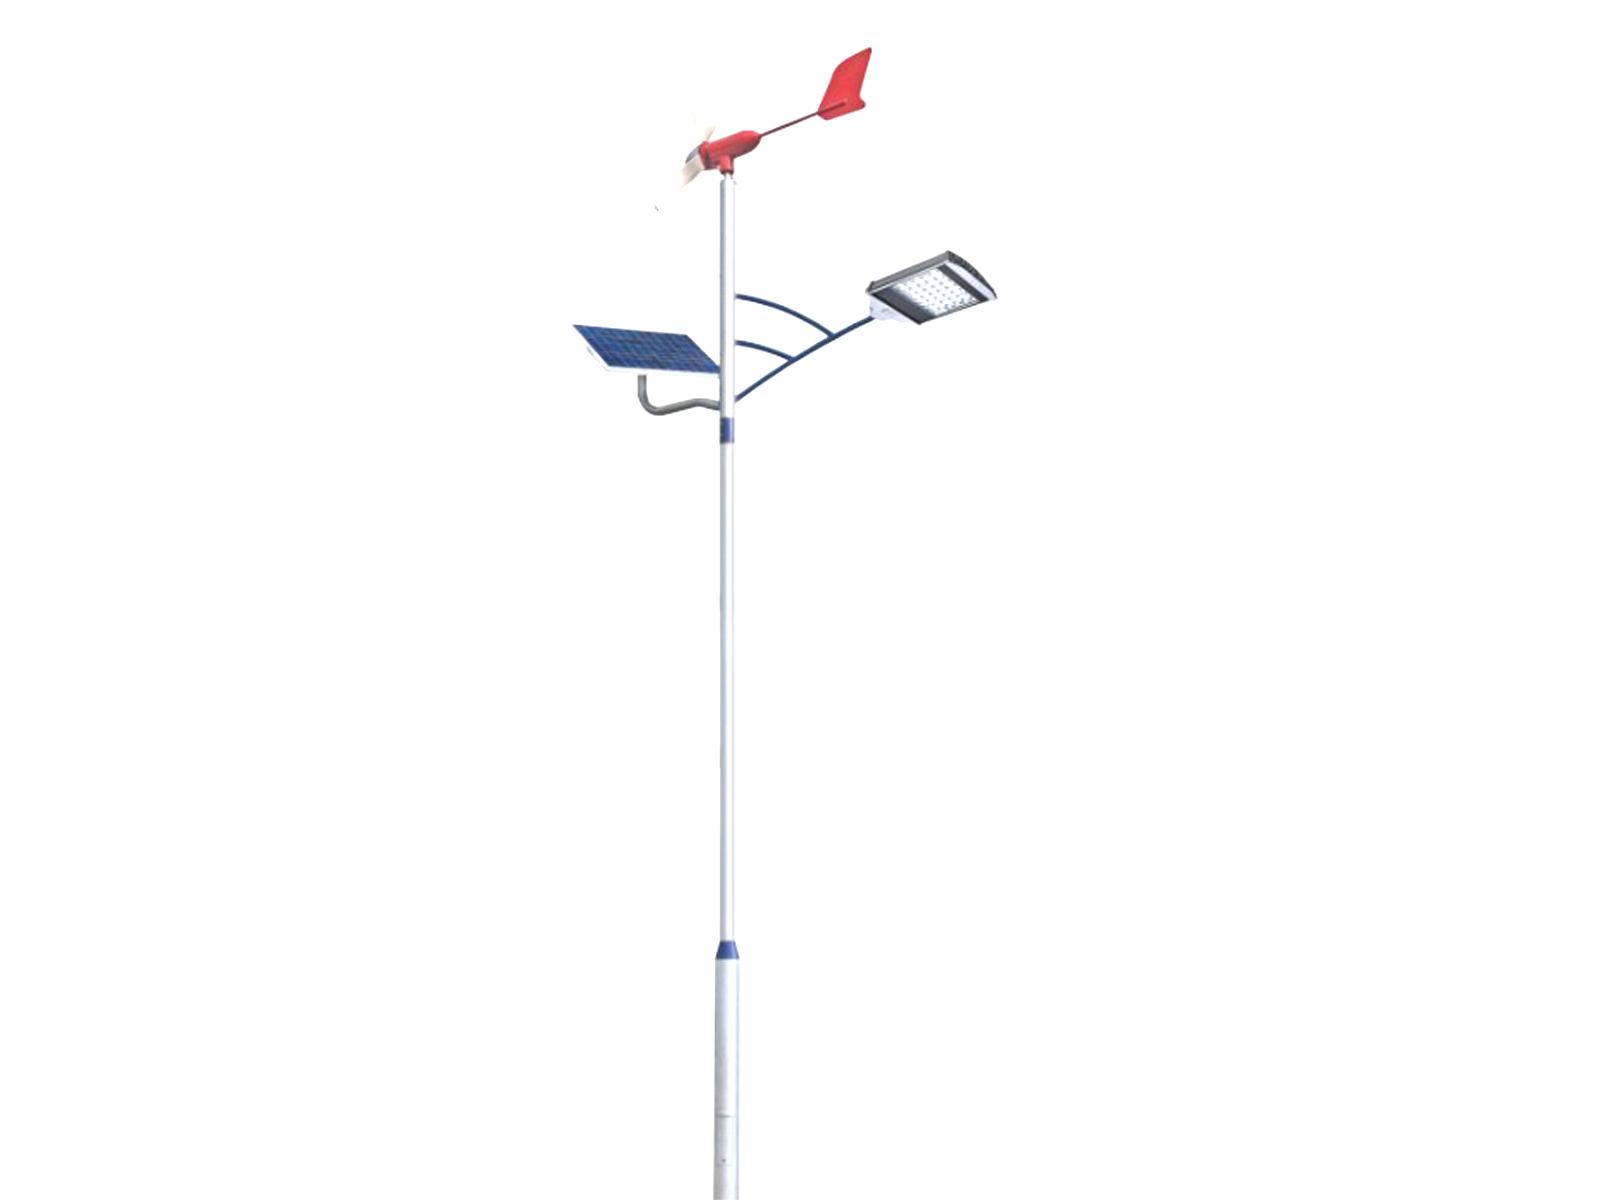 风光互补太阳能路灯_风光互补太阳能路灯价格_风光互补太阳能路灯厂家